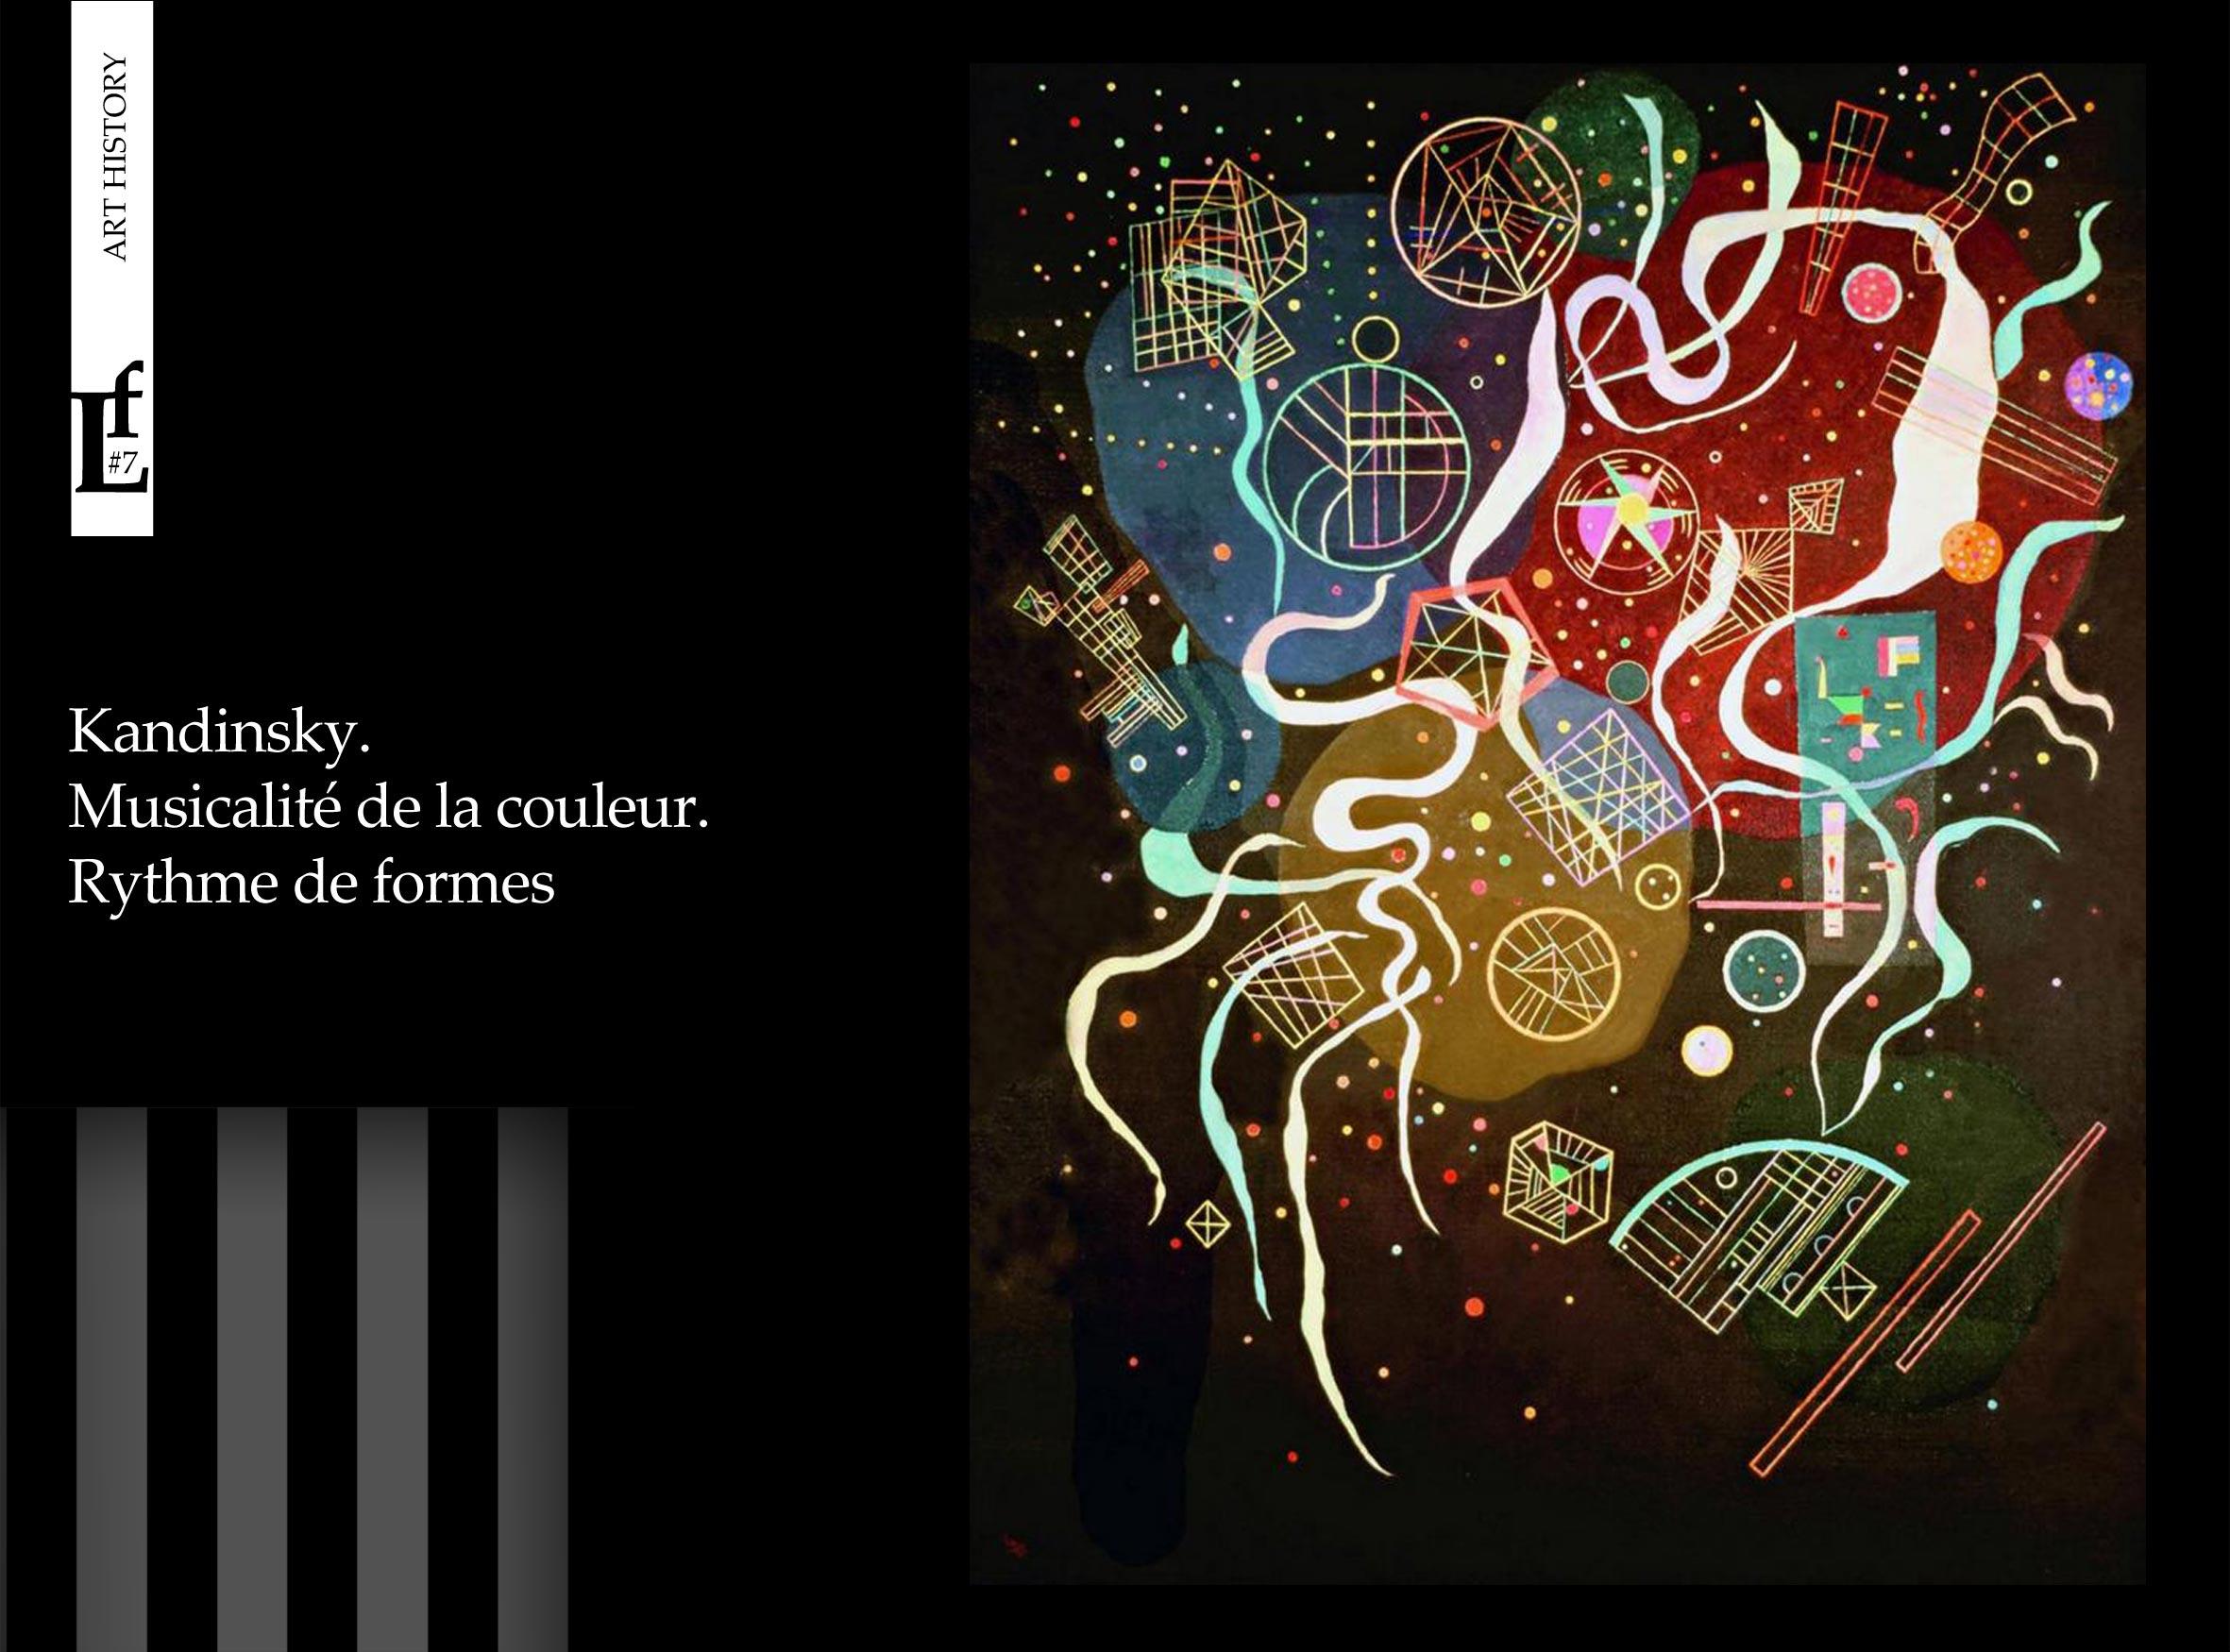 Kandinsky Musicalit De La Couleur Rythme Des Formes La Frimeuse